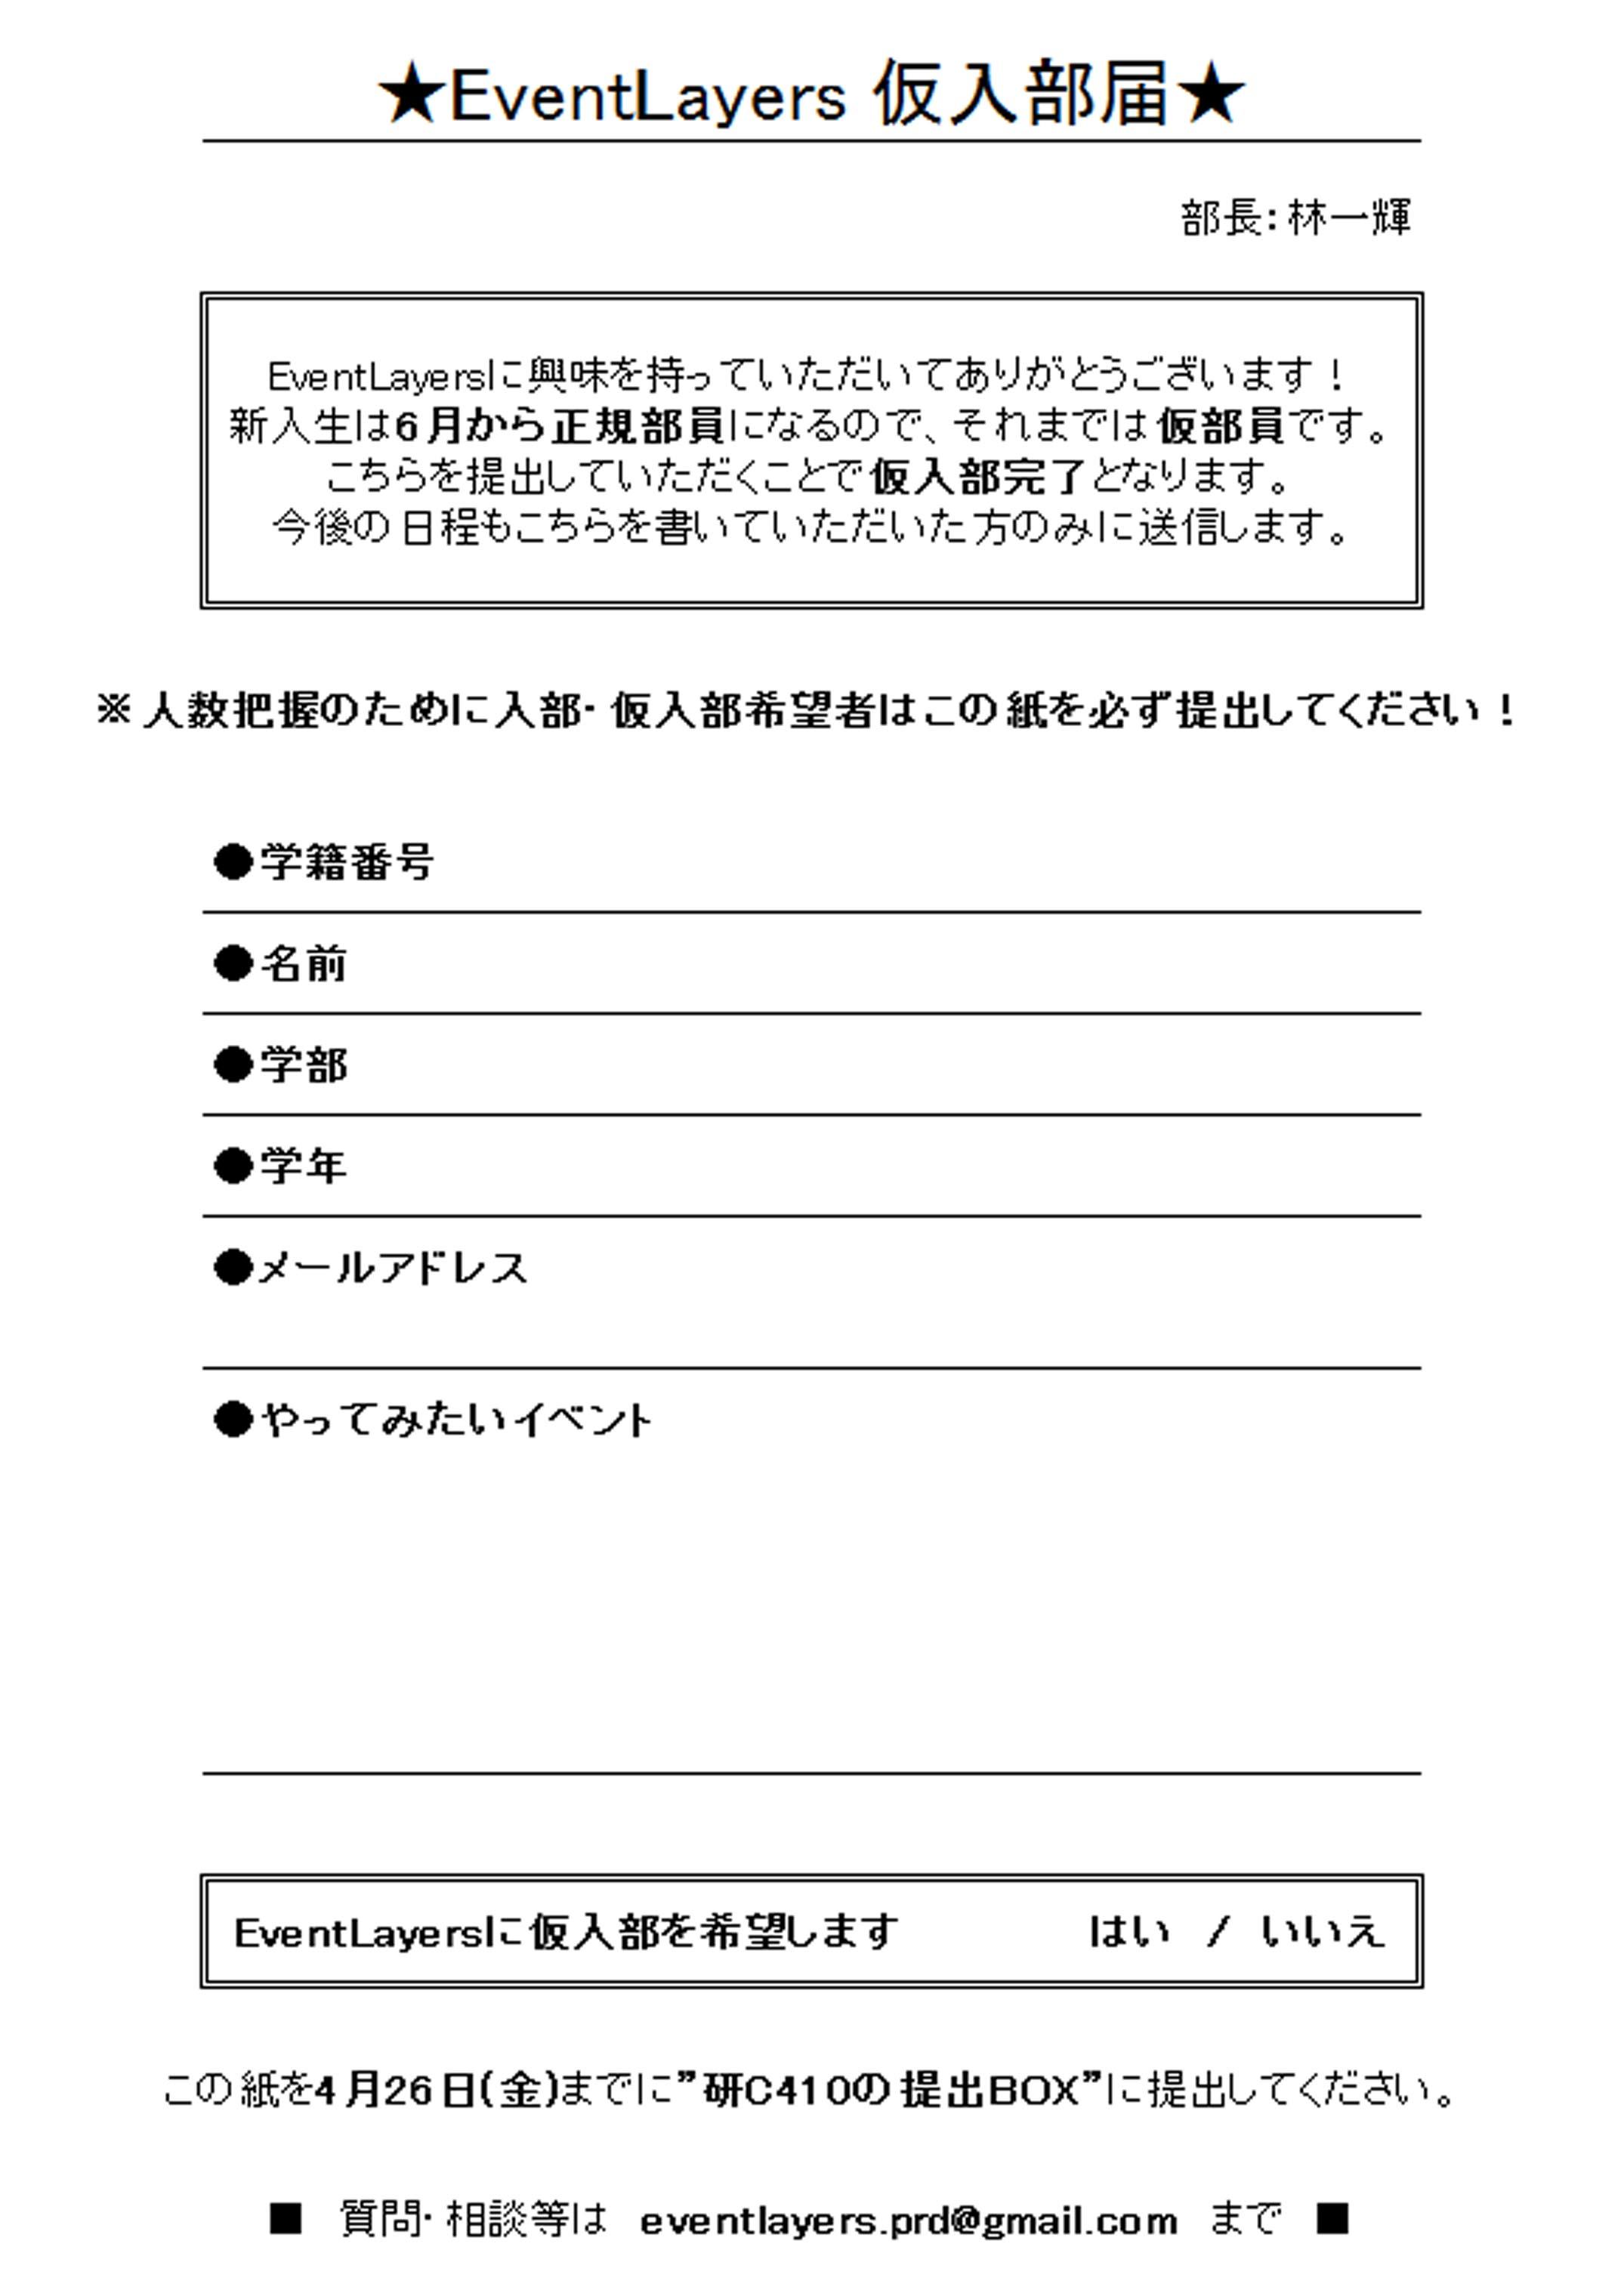 2014入部希望者】仮入部届【必読...